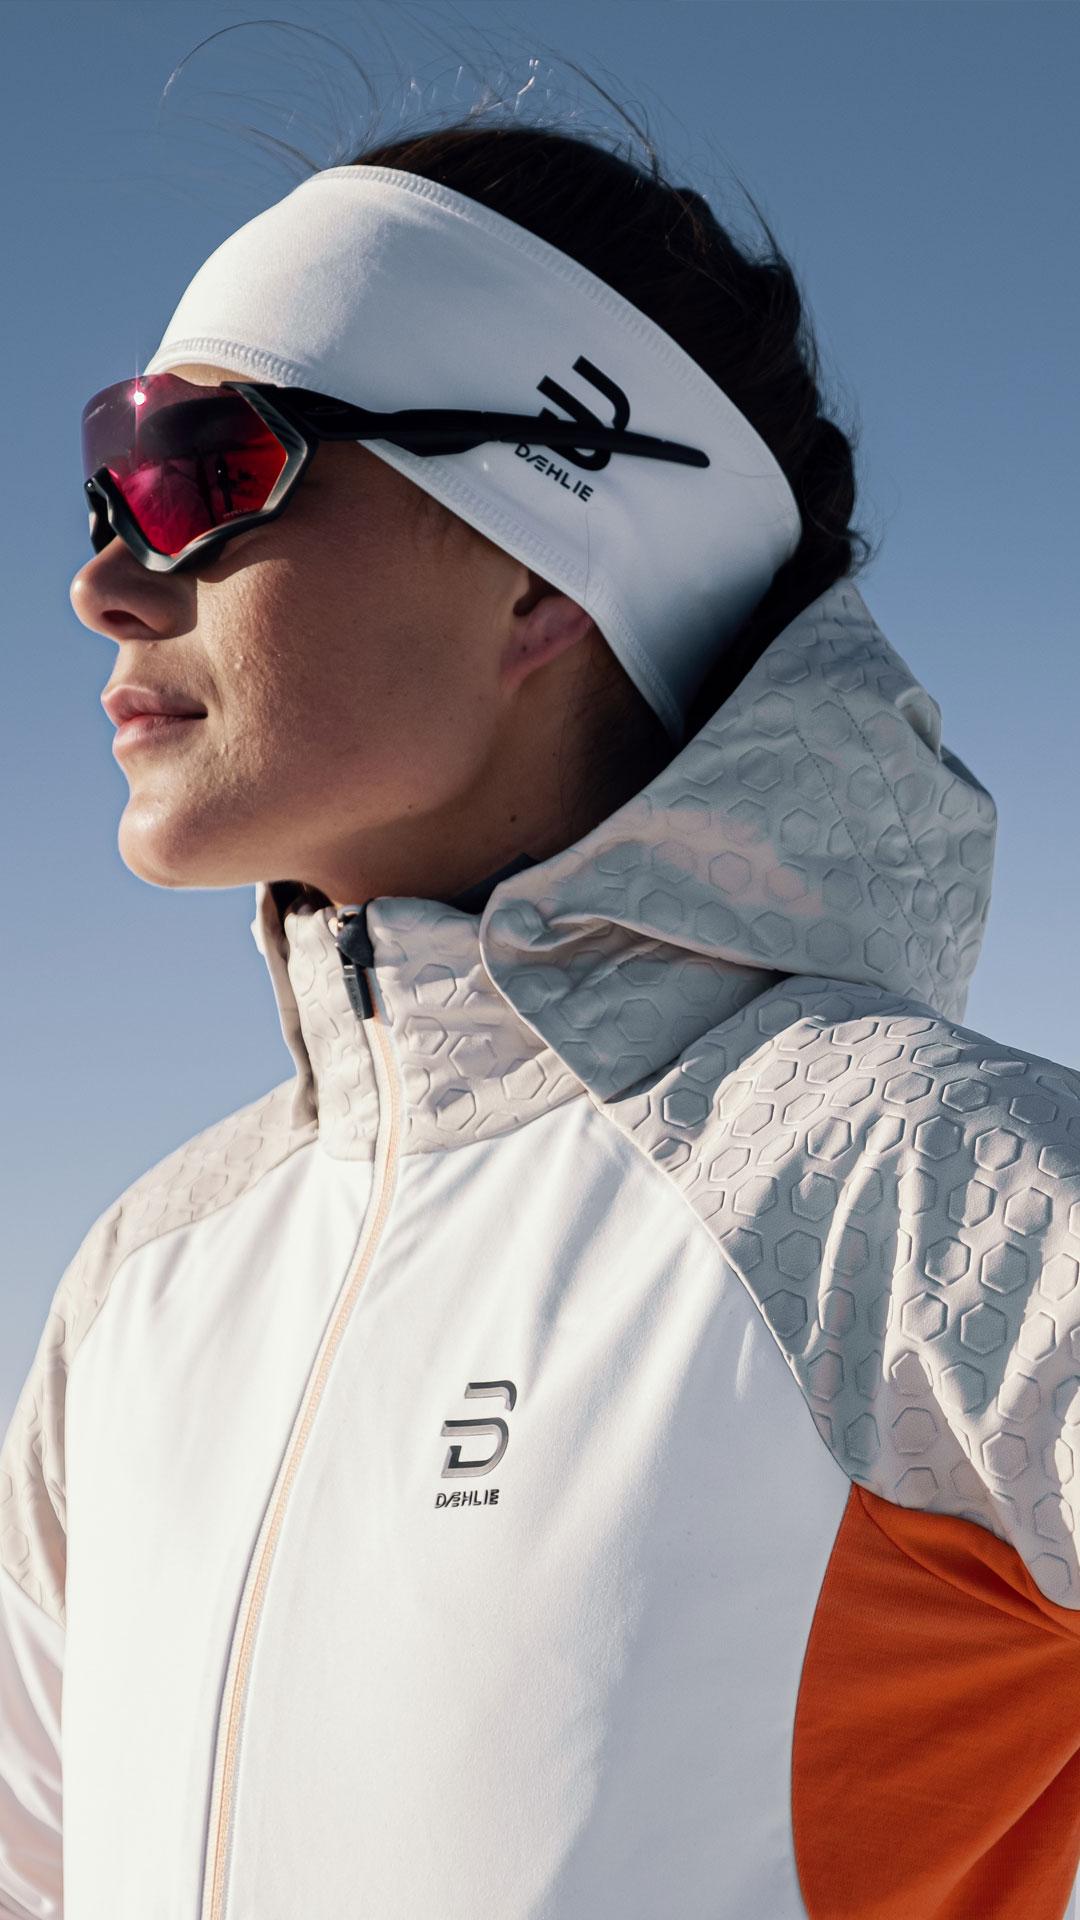 daehlie_kari-traa-ski_fond